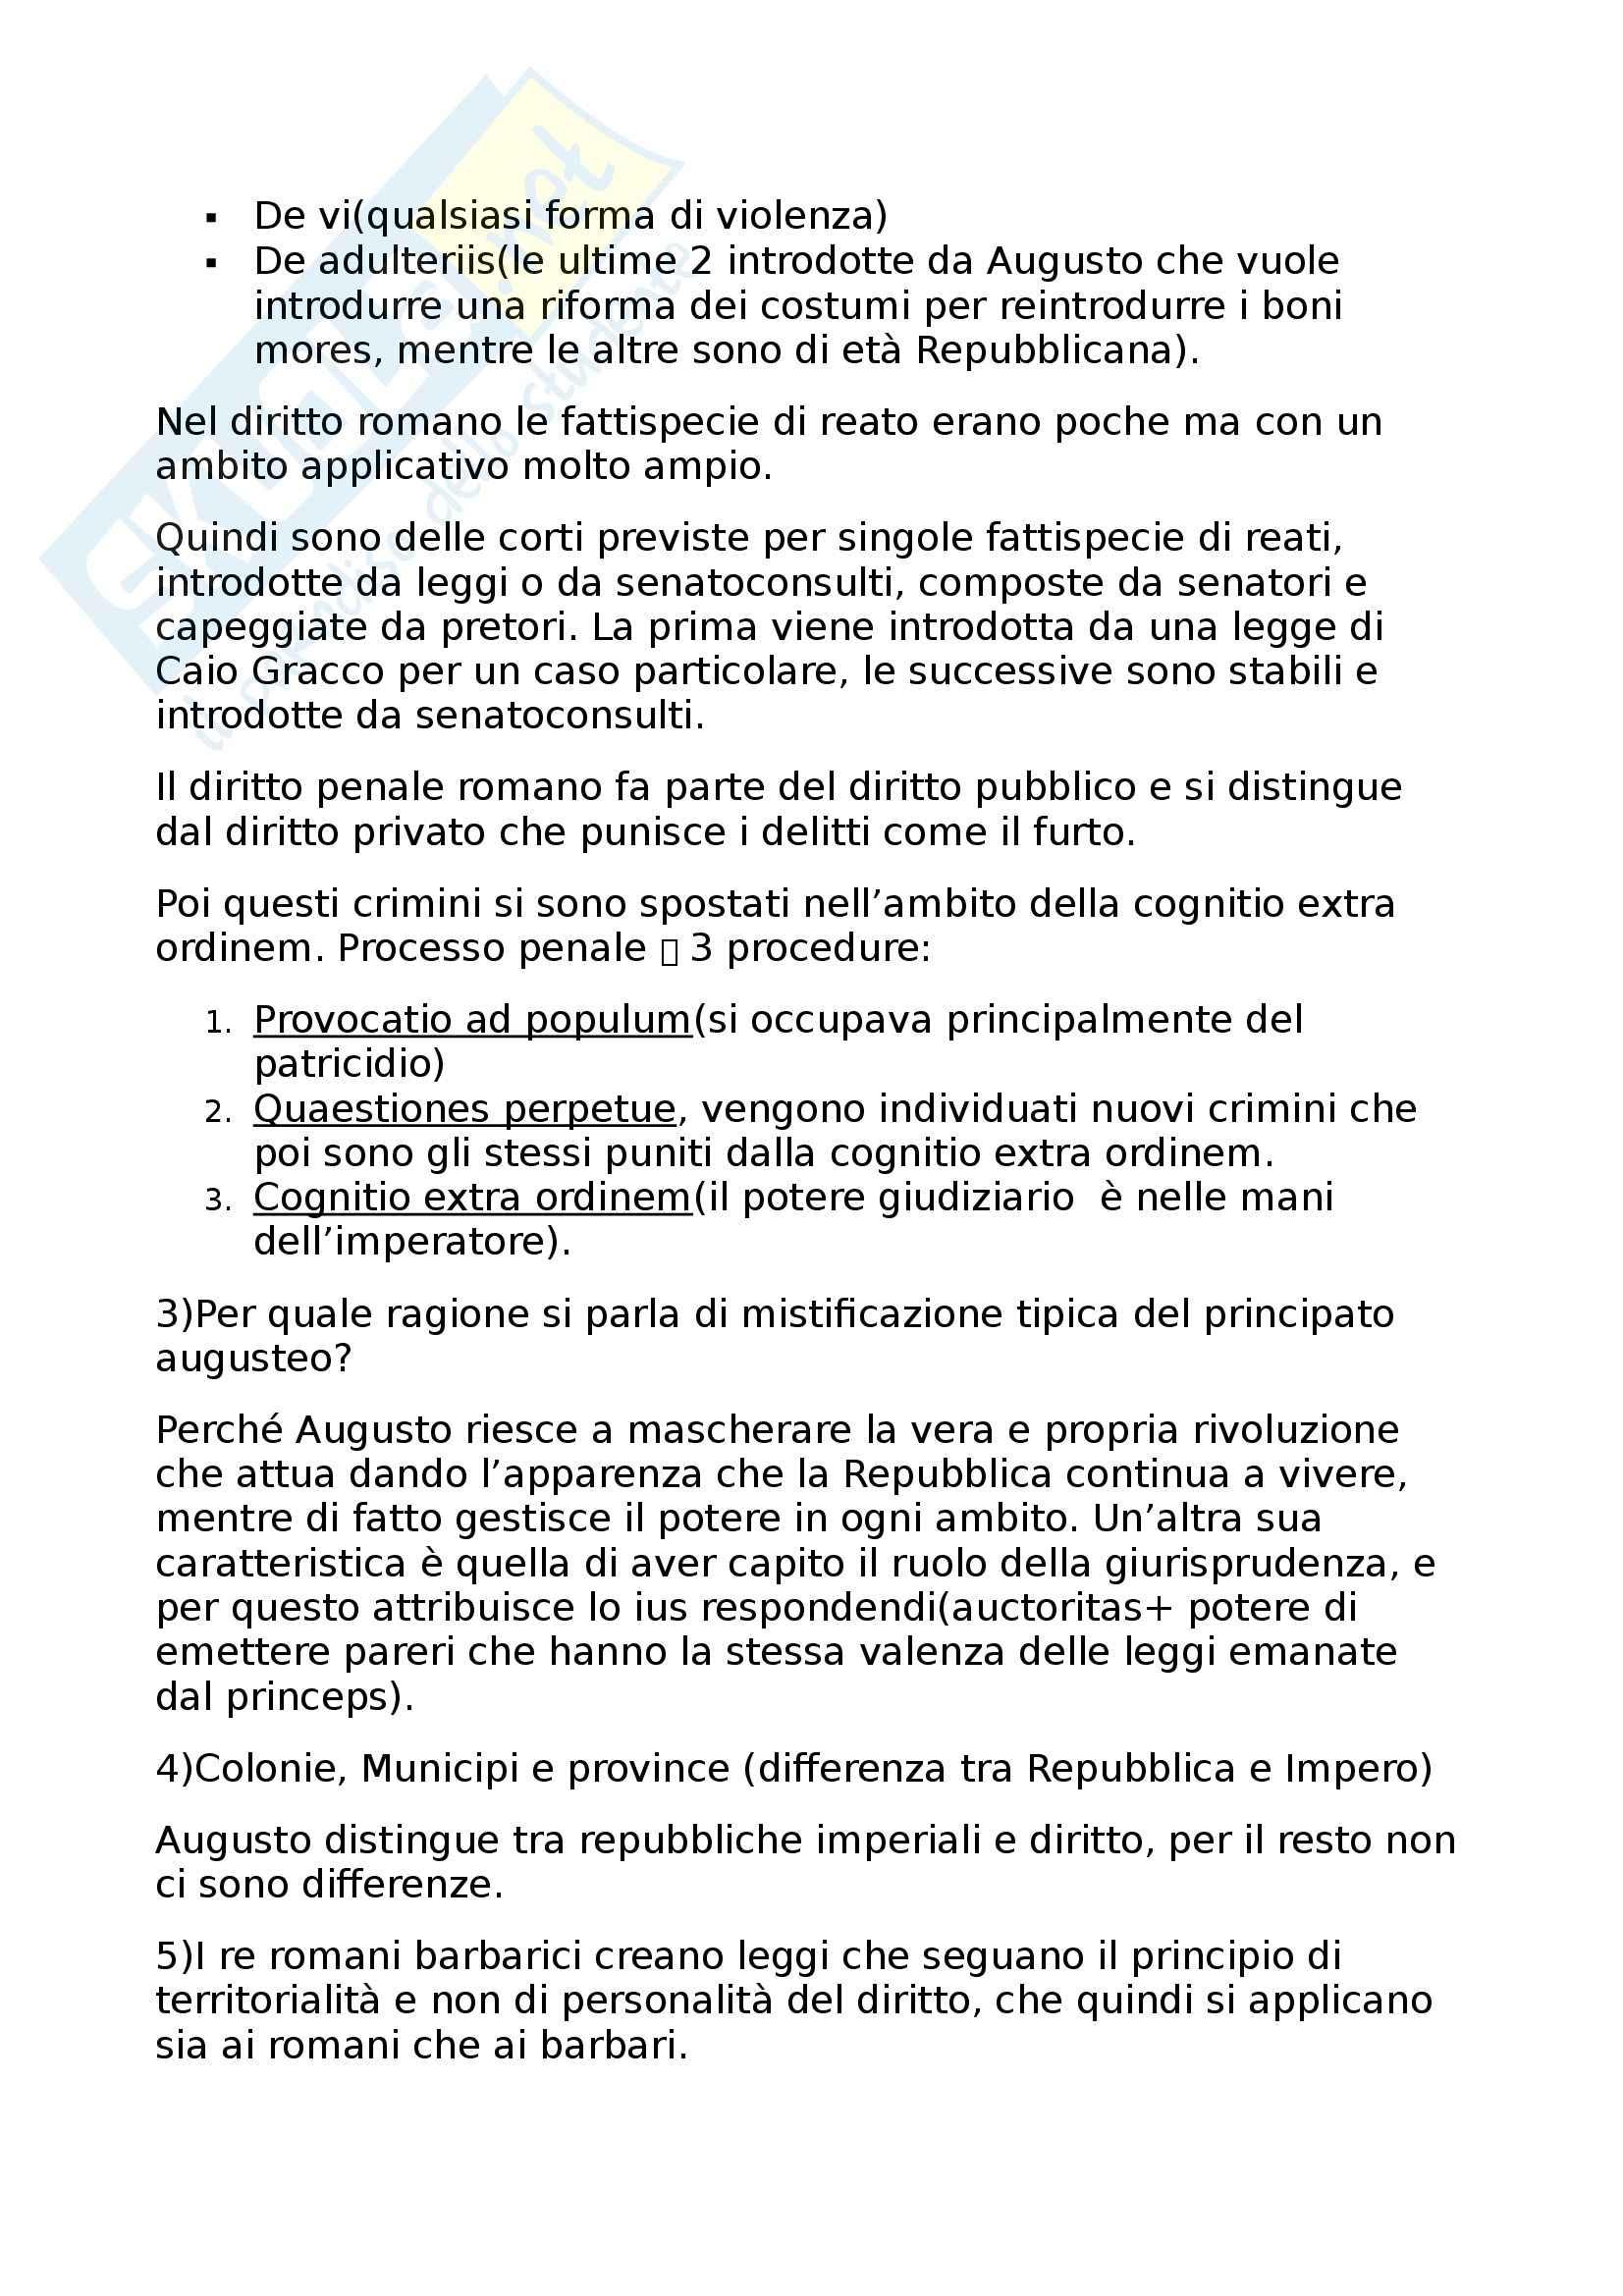 Storia del diritto romano - La compilazione giustinianea Pag. 6